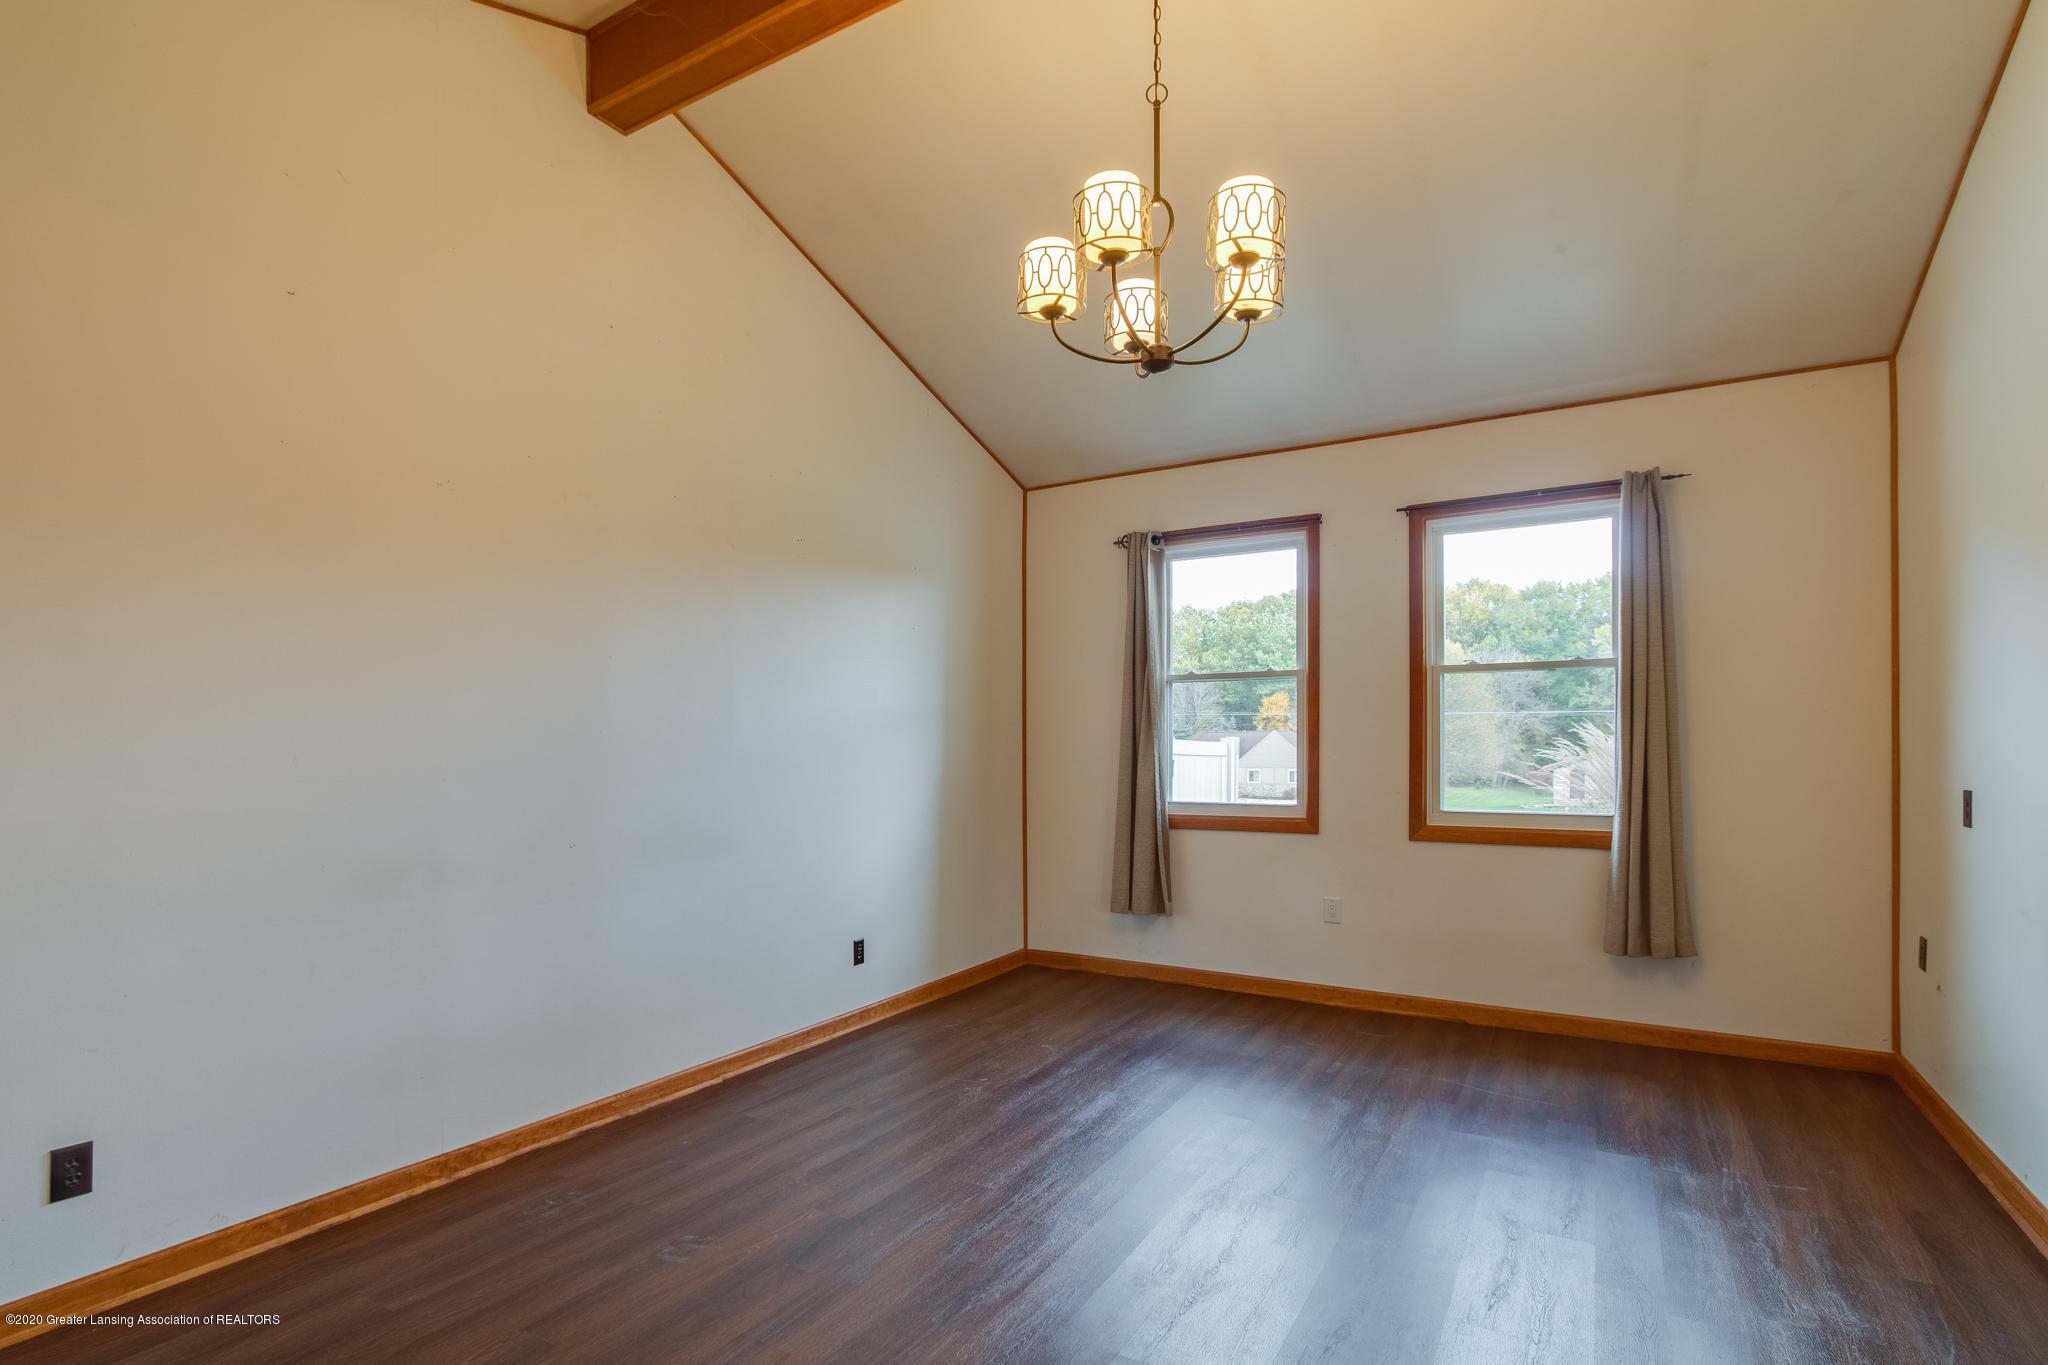 1360 Battle Creek Rd - Sunken family room - 16